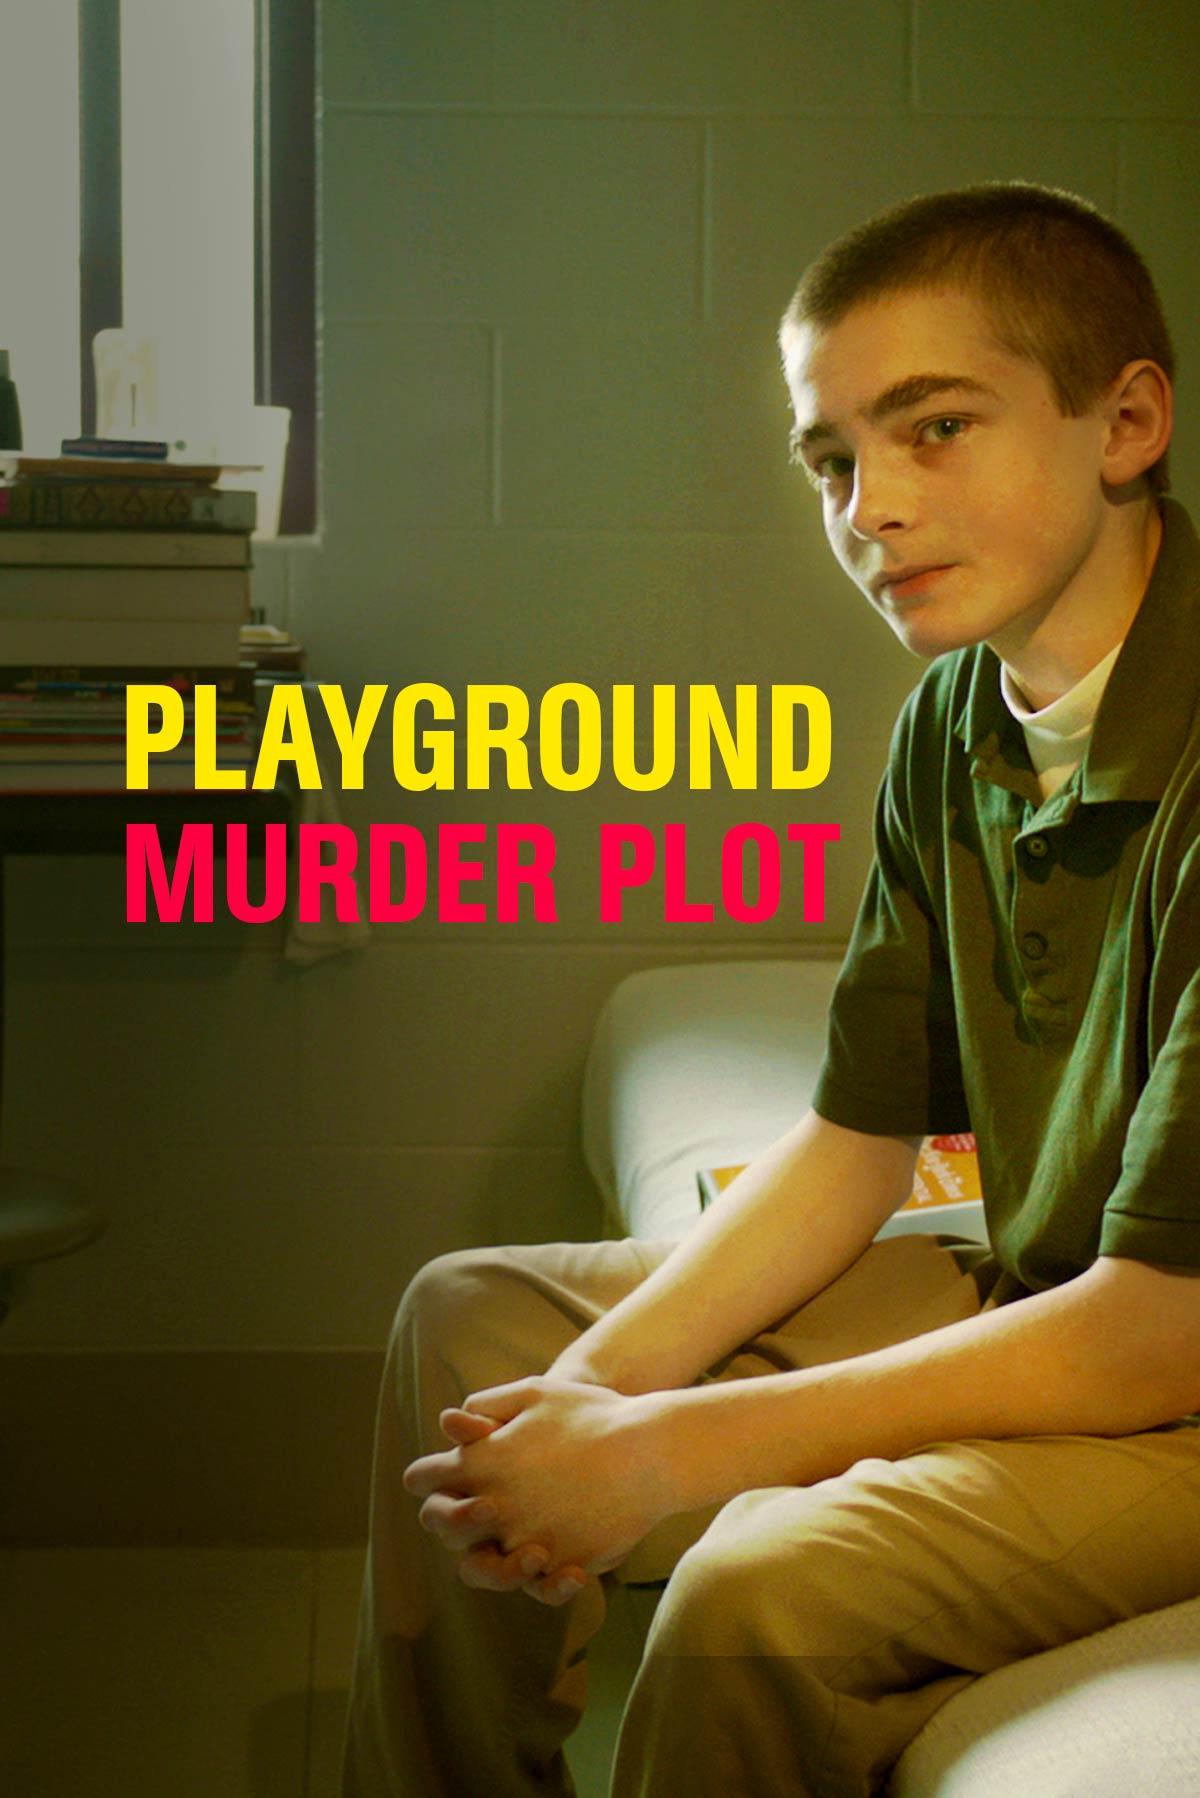 Playground Murder Plot